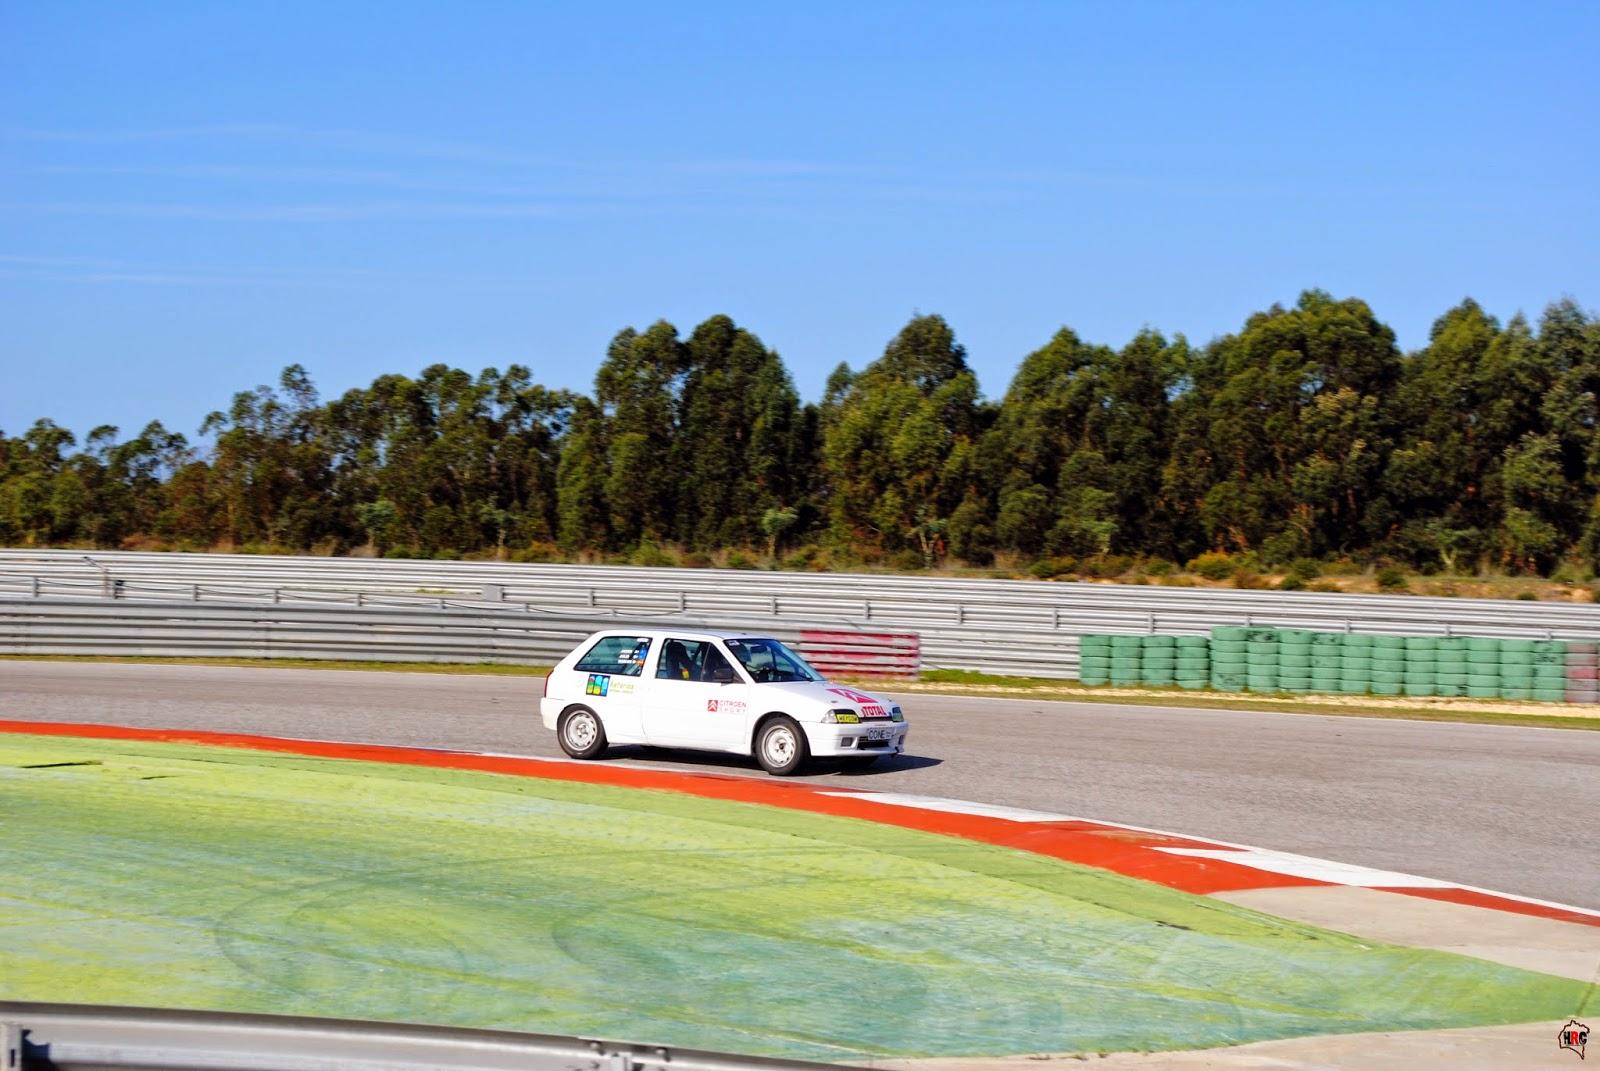 Circuito Monteblanco : Circuito de monteblanco 16 11 2014 huelva racing club